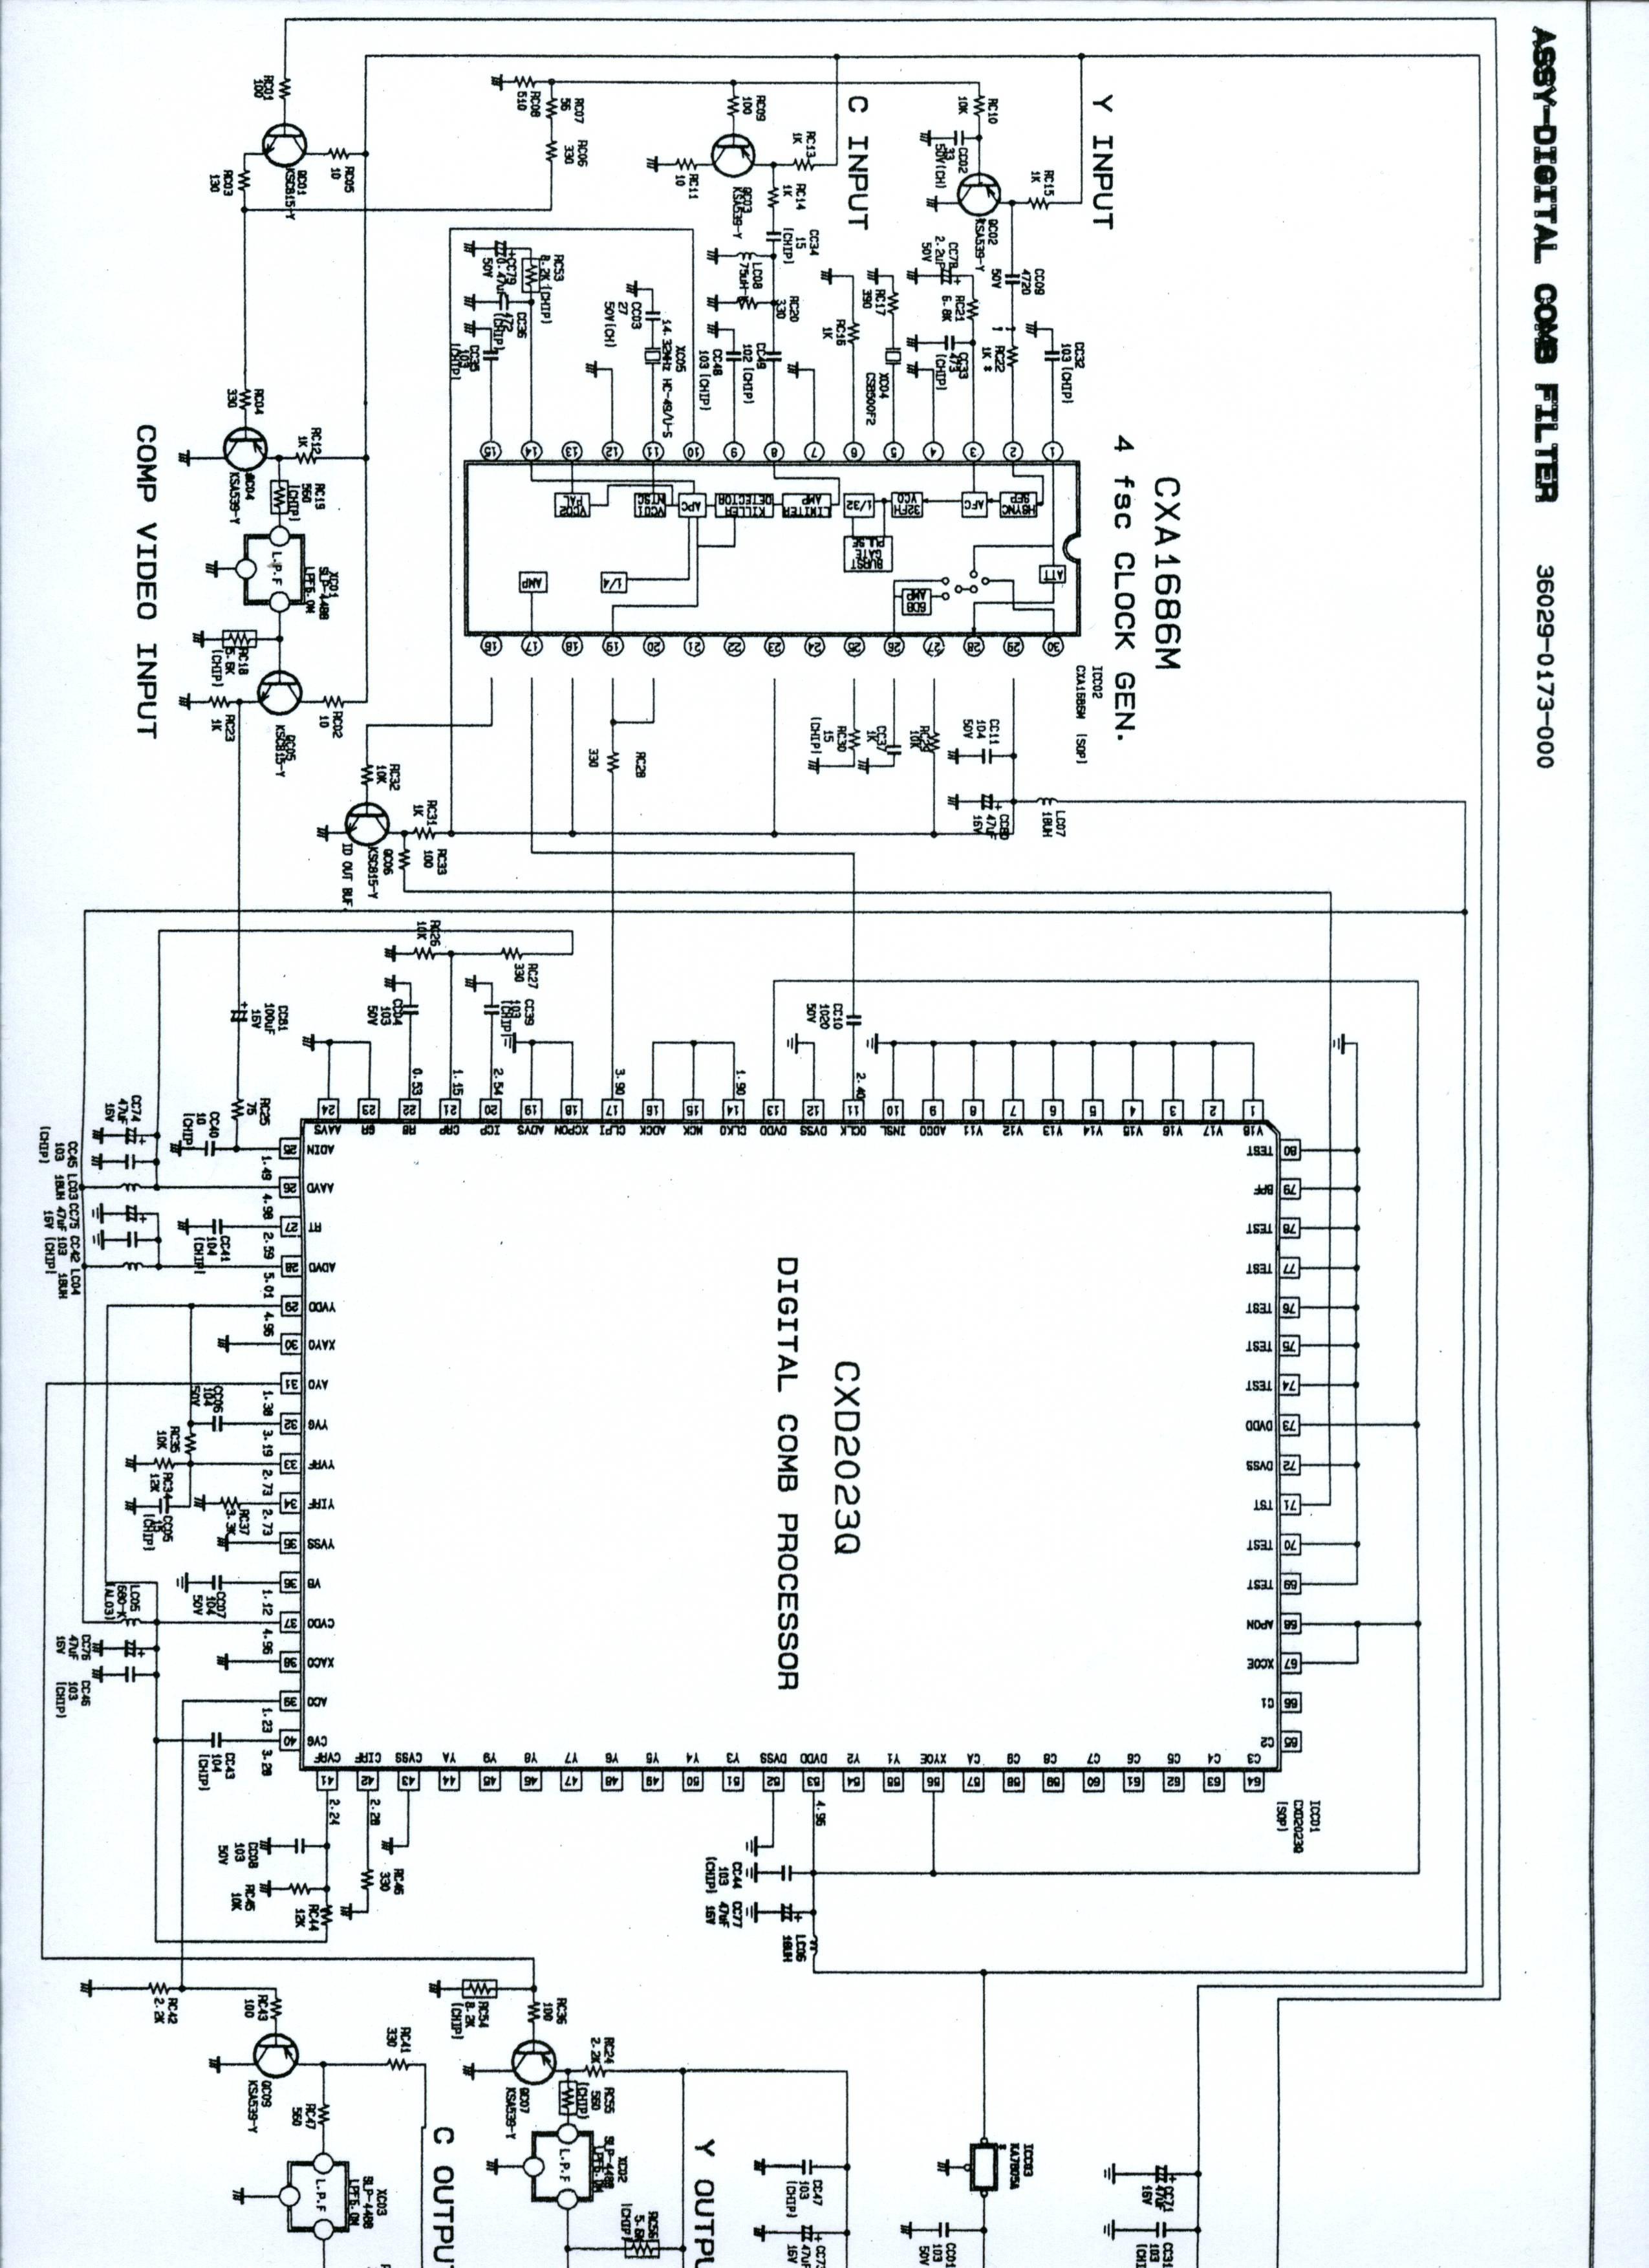 SAMSUNG SAMSUNG CN 7266BP CHASSISK56KA1 K56XQH P67 pdf